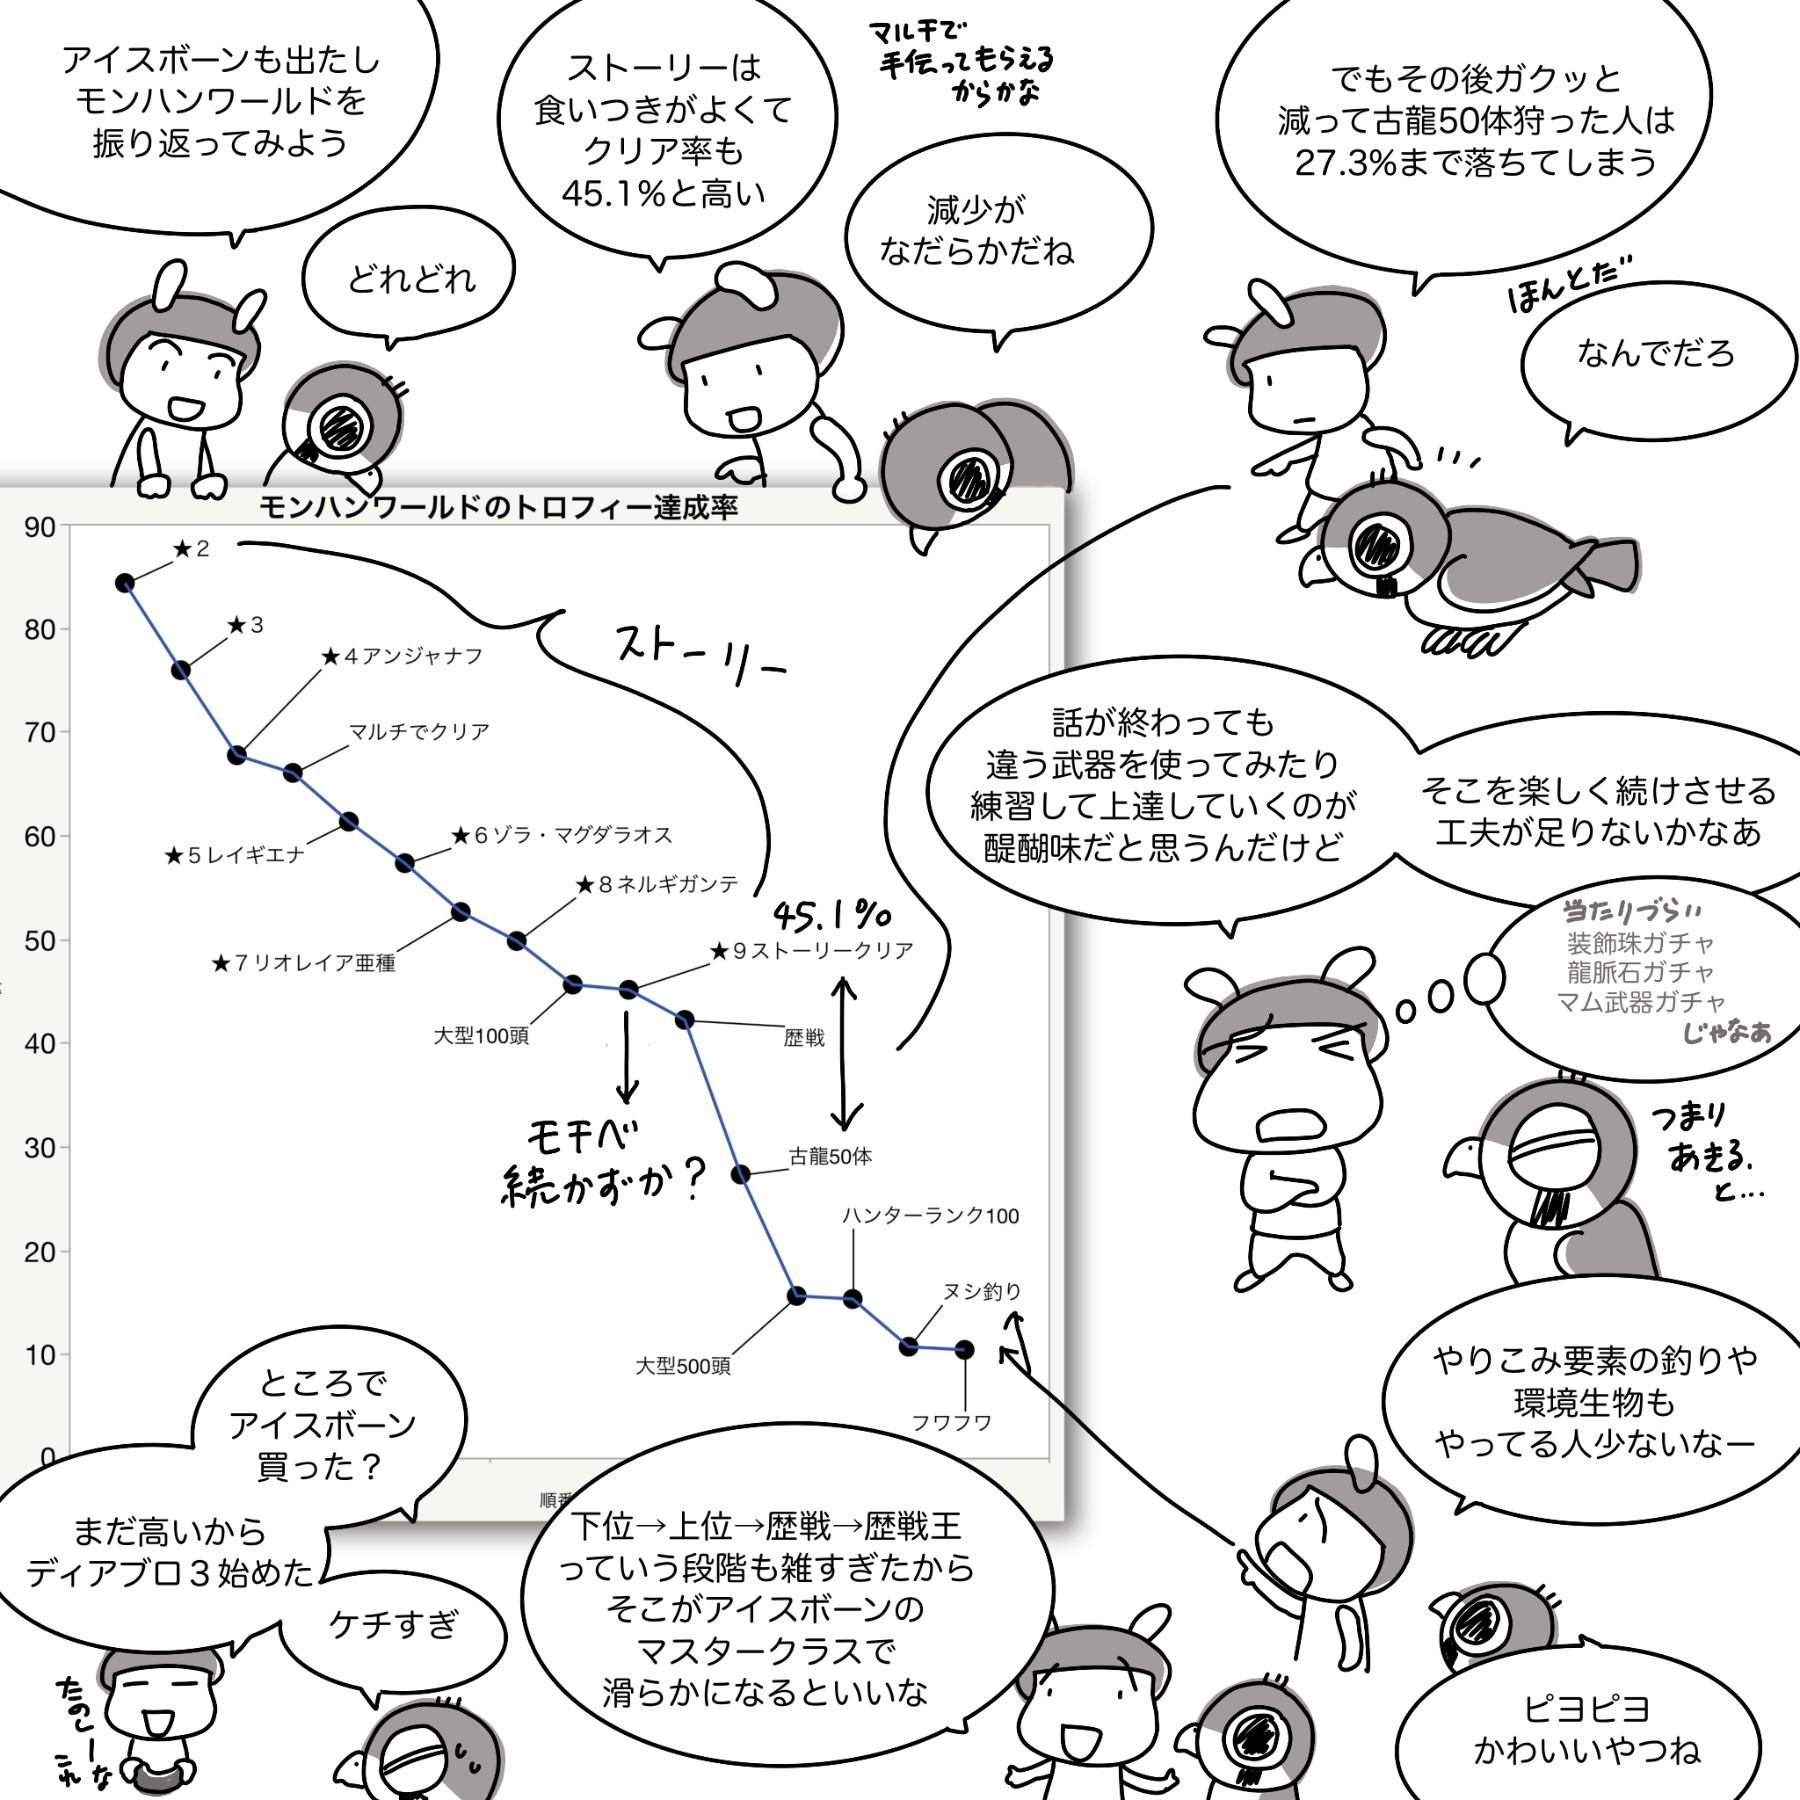 トロフィー獲得率に見るモンハンワールドの問題点[グラフ]